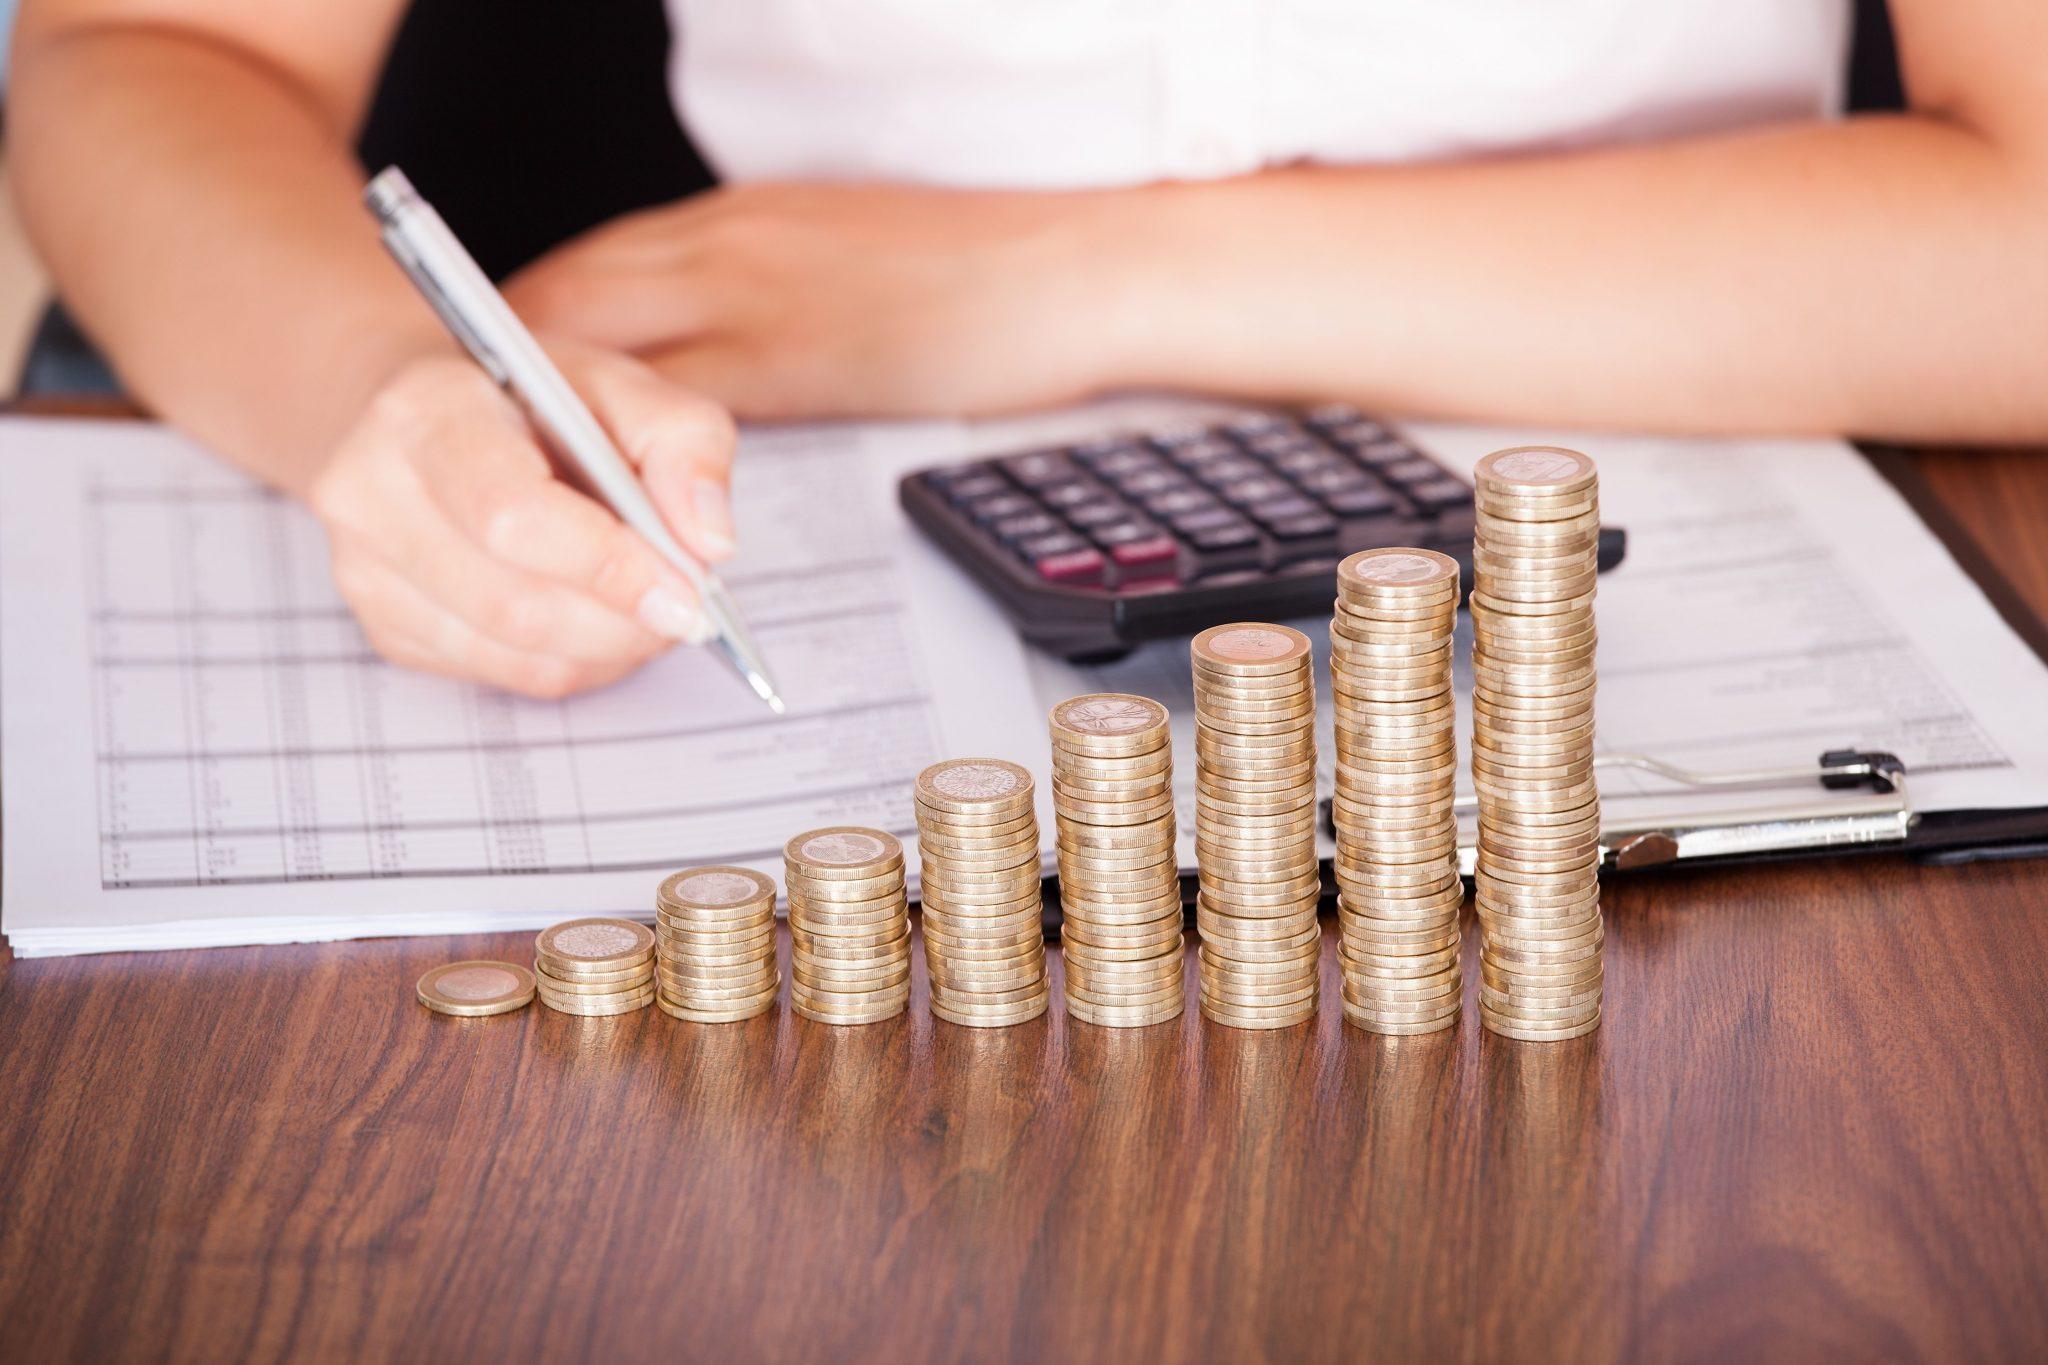 Советы, которые помогают жить в достатке, а не от зарплаты до зарплаты